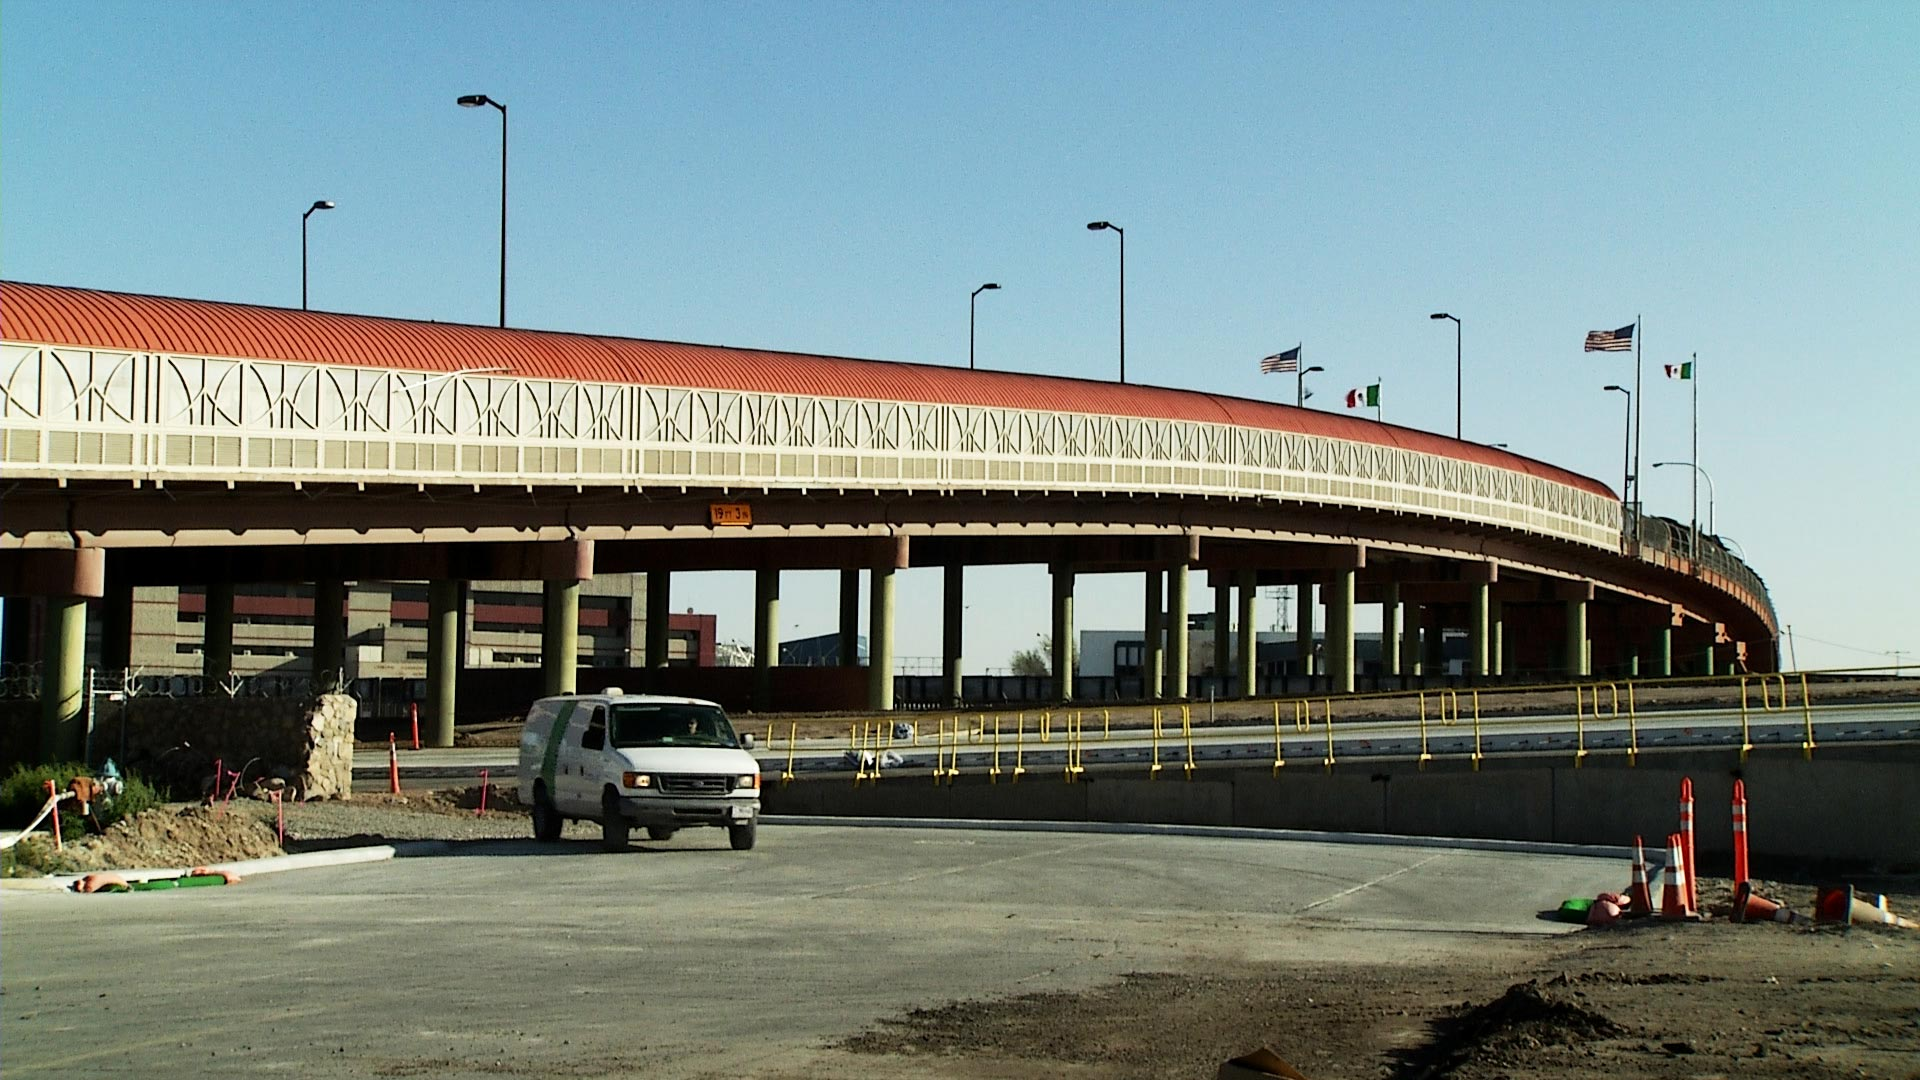 The Paso del Norte International Bridge in El Paso, Texas.